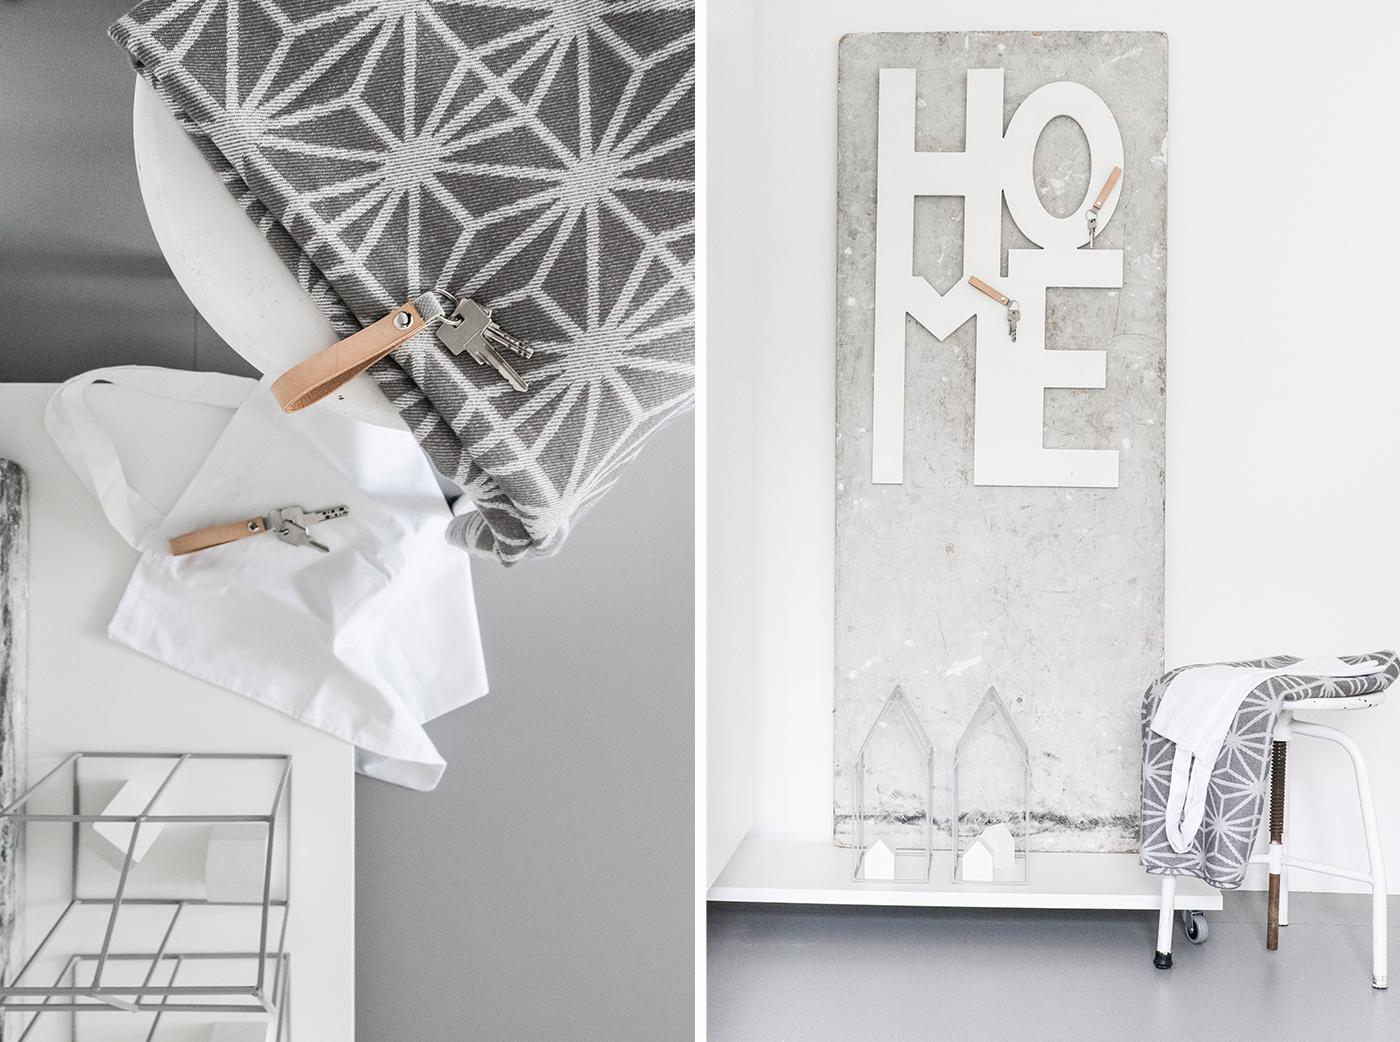 schl sselbrett selbst gemacht sch n bei dir by depot. Black Bedroom Furniture Sets. Home Design Ideas